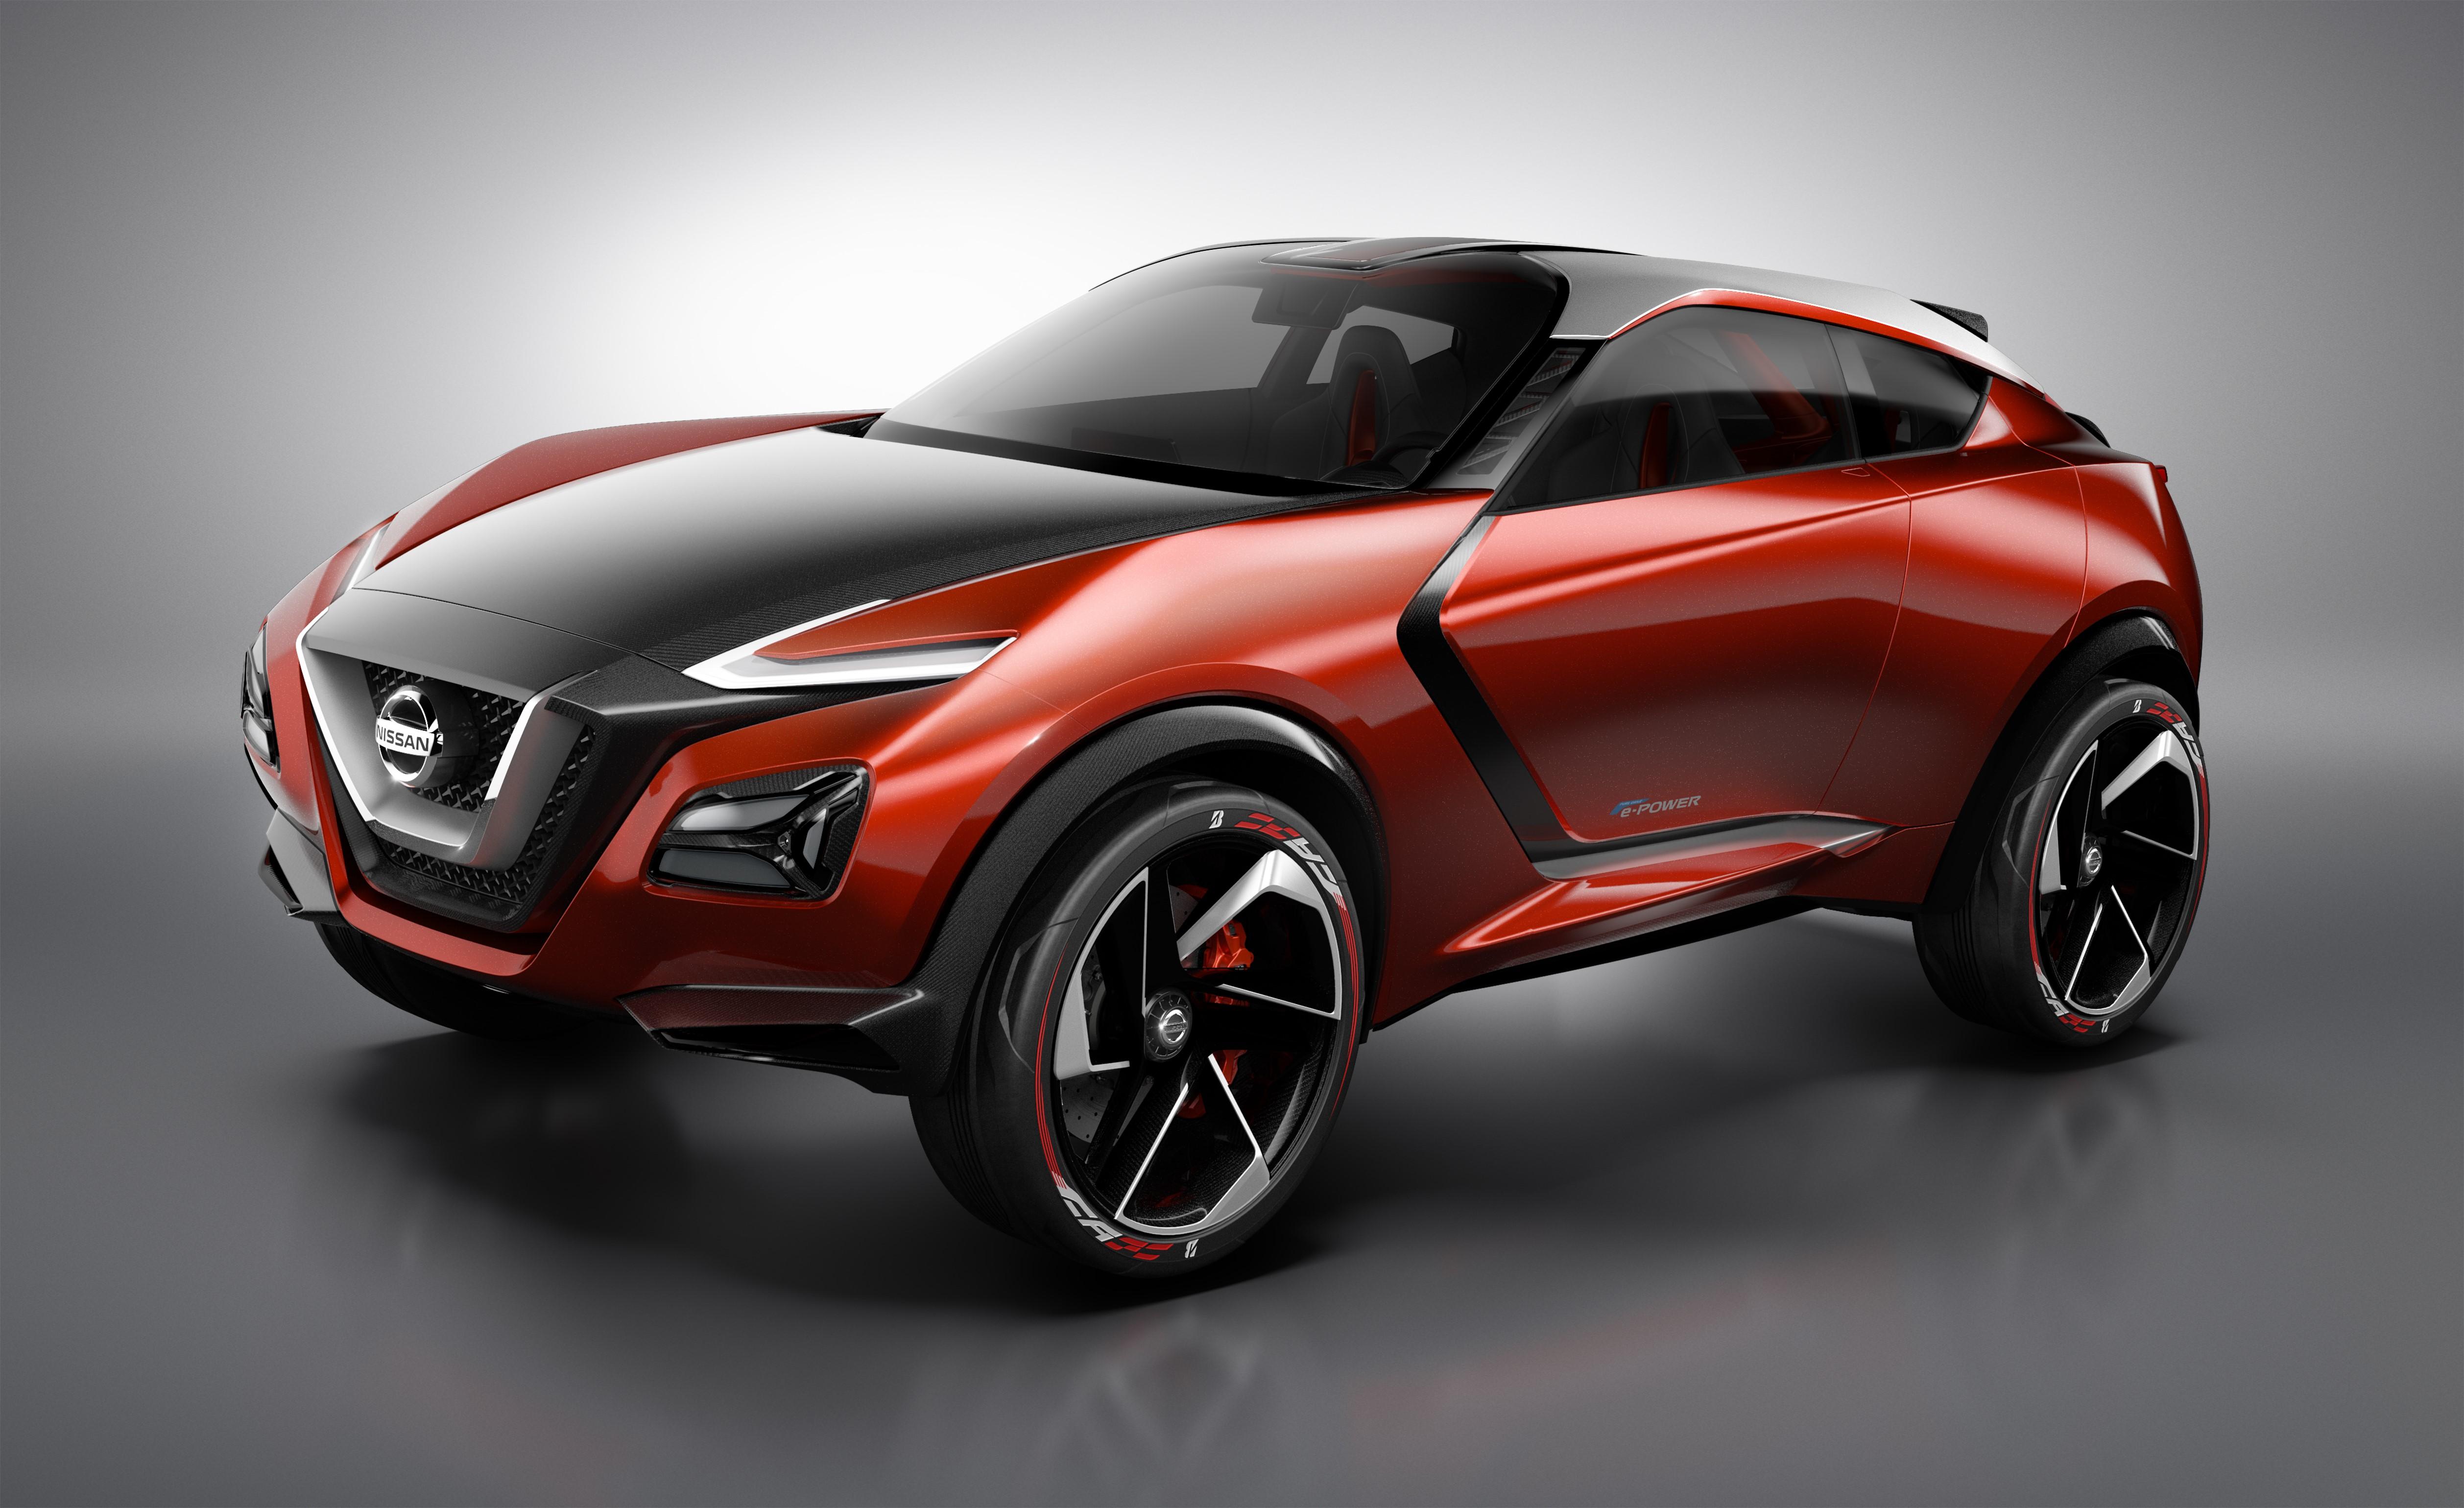 Yeni bir crossover anlayışı: Nissan Gripz